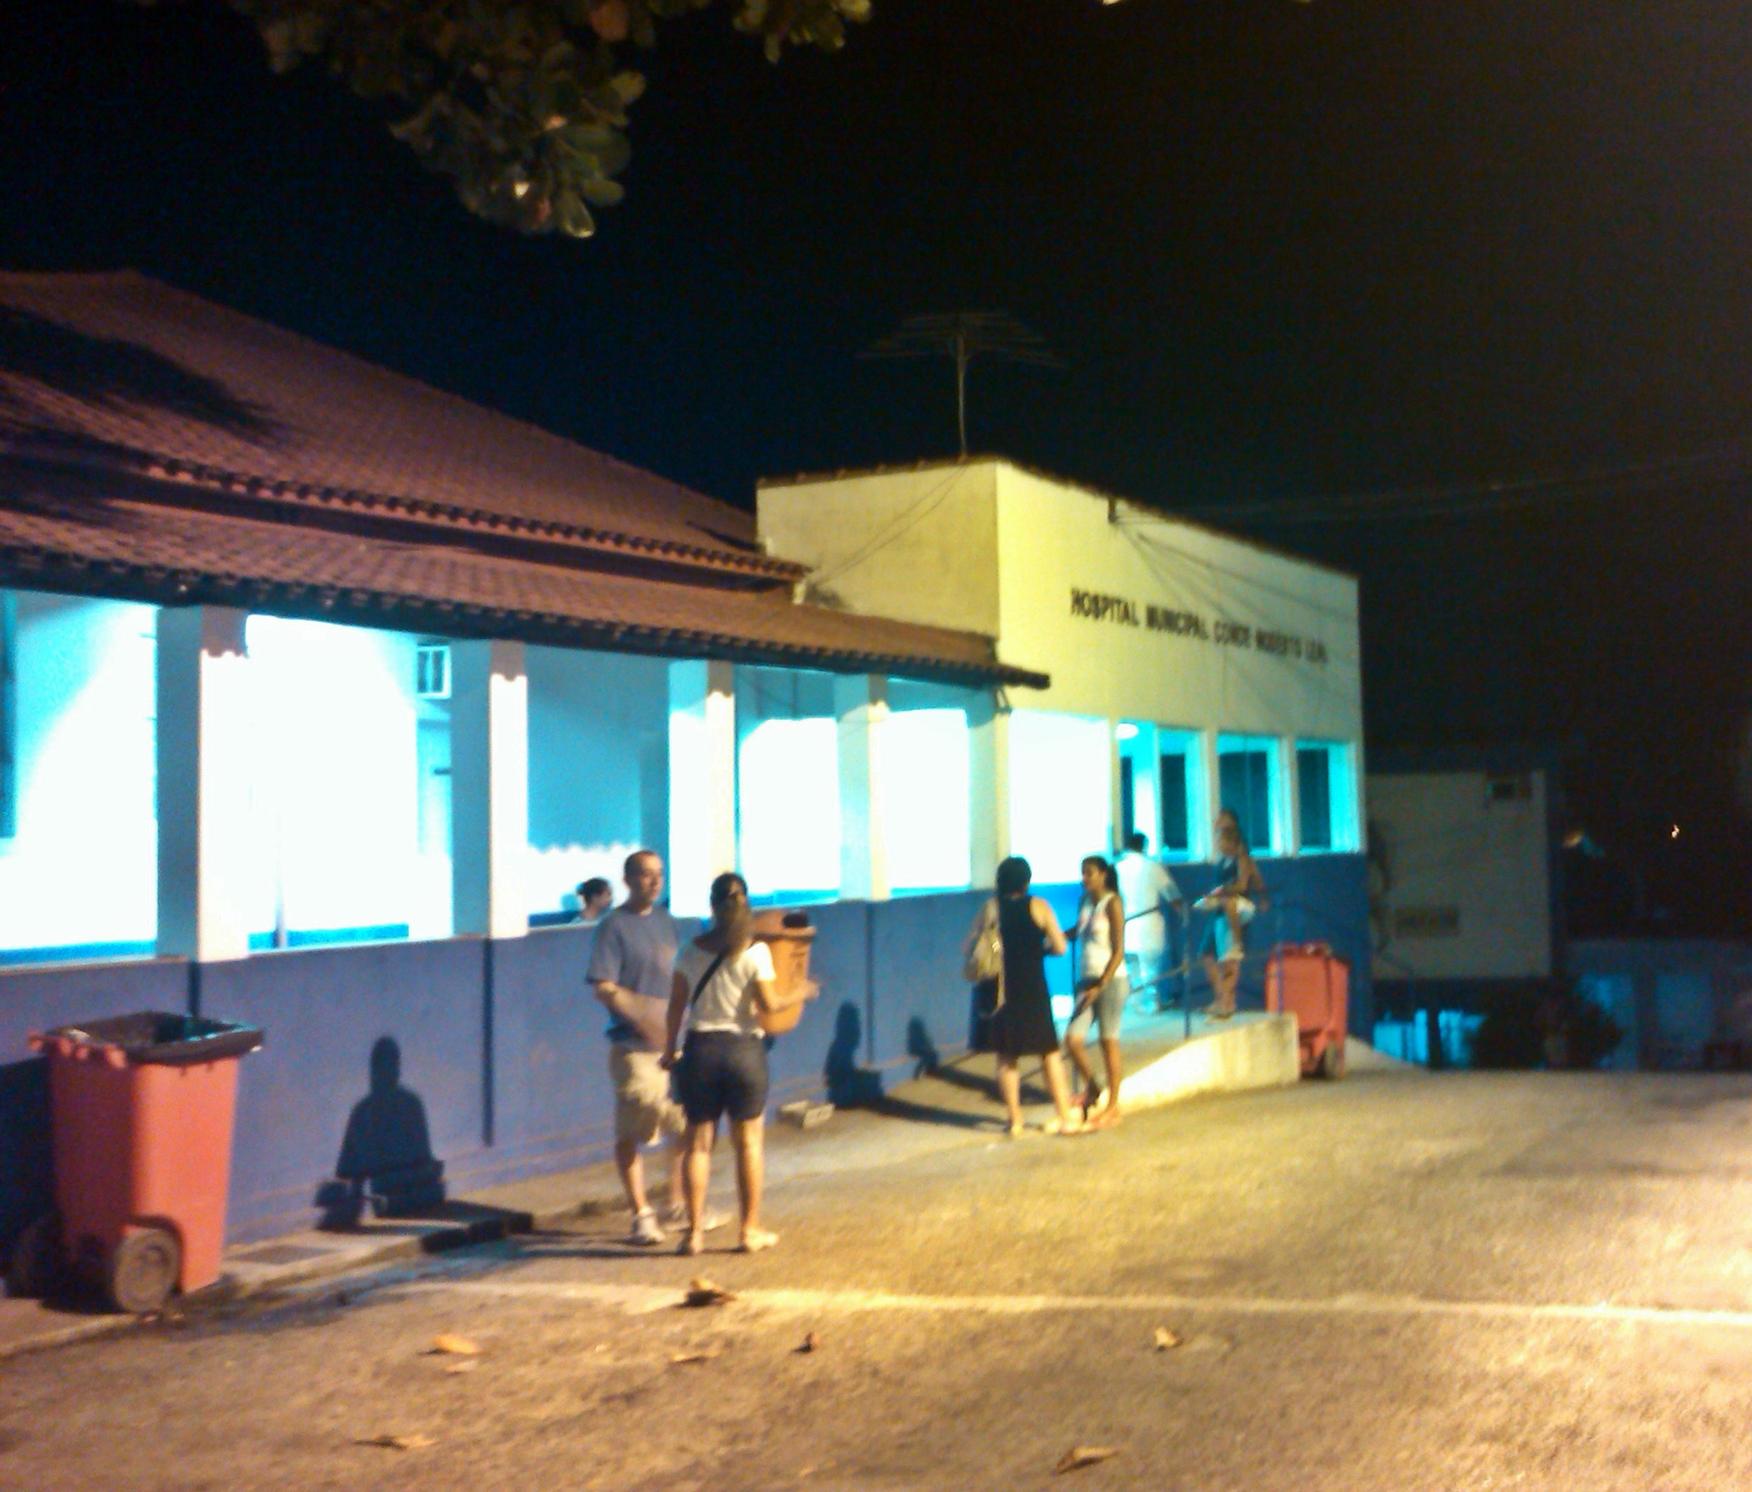 Hospital ficou movimentado nesta quinta-feira (12) à noite.